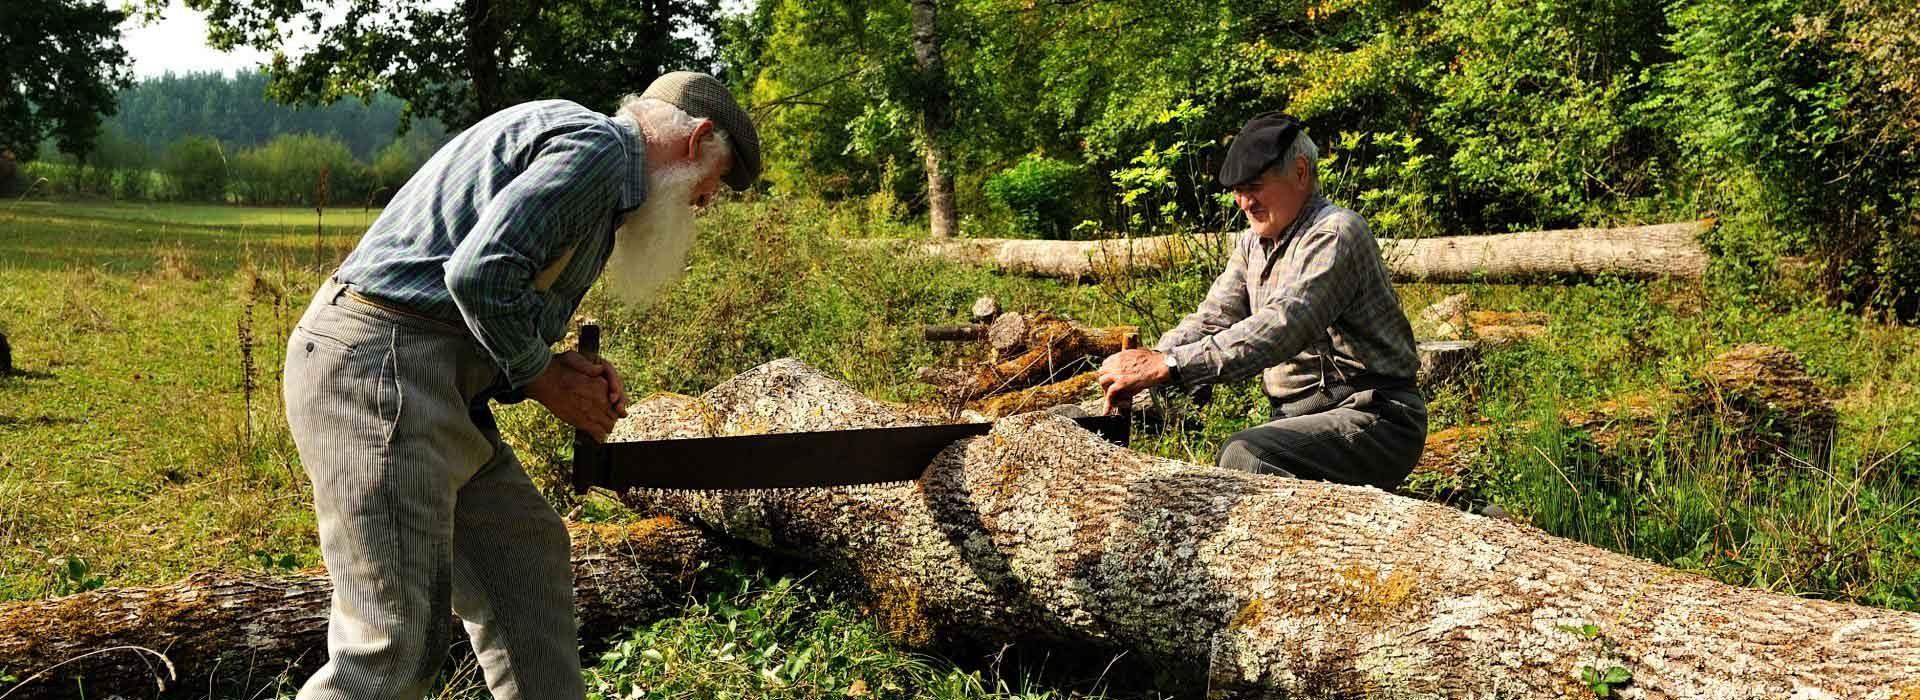 שוק העץ מנסרה מקומית